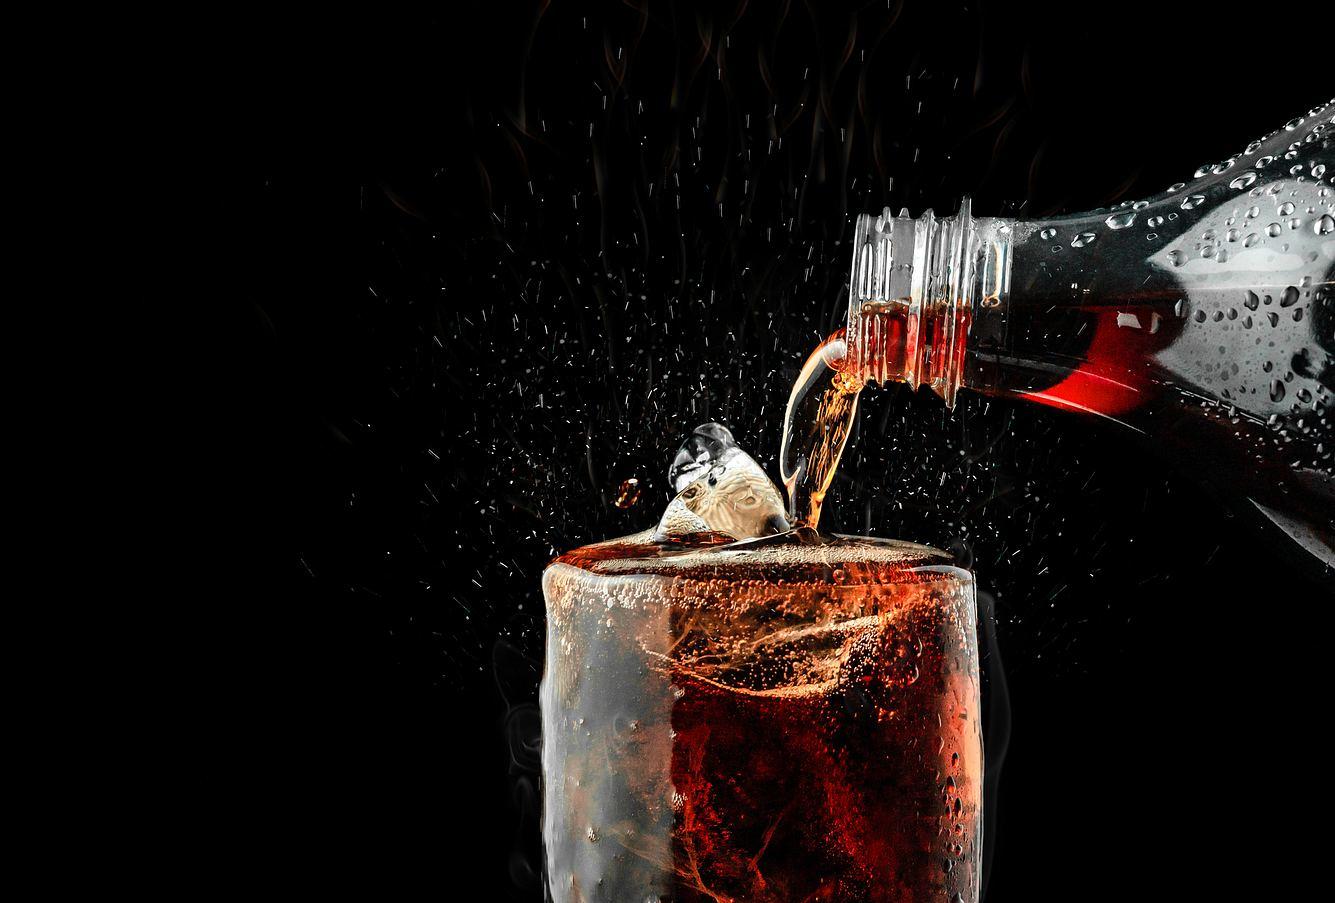 Cola, die in ein Glas gegossen wird